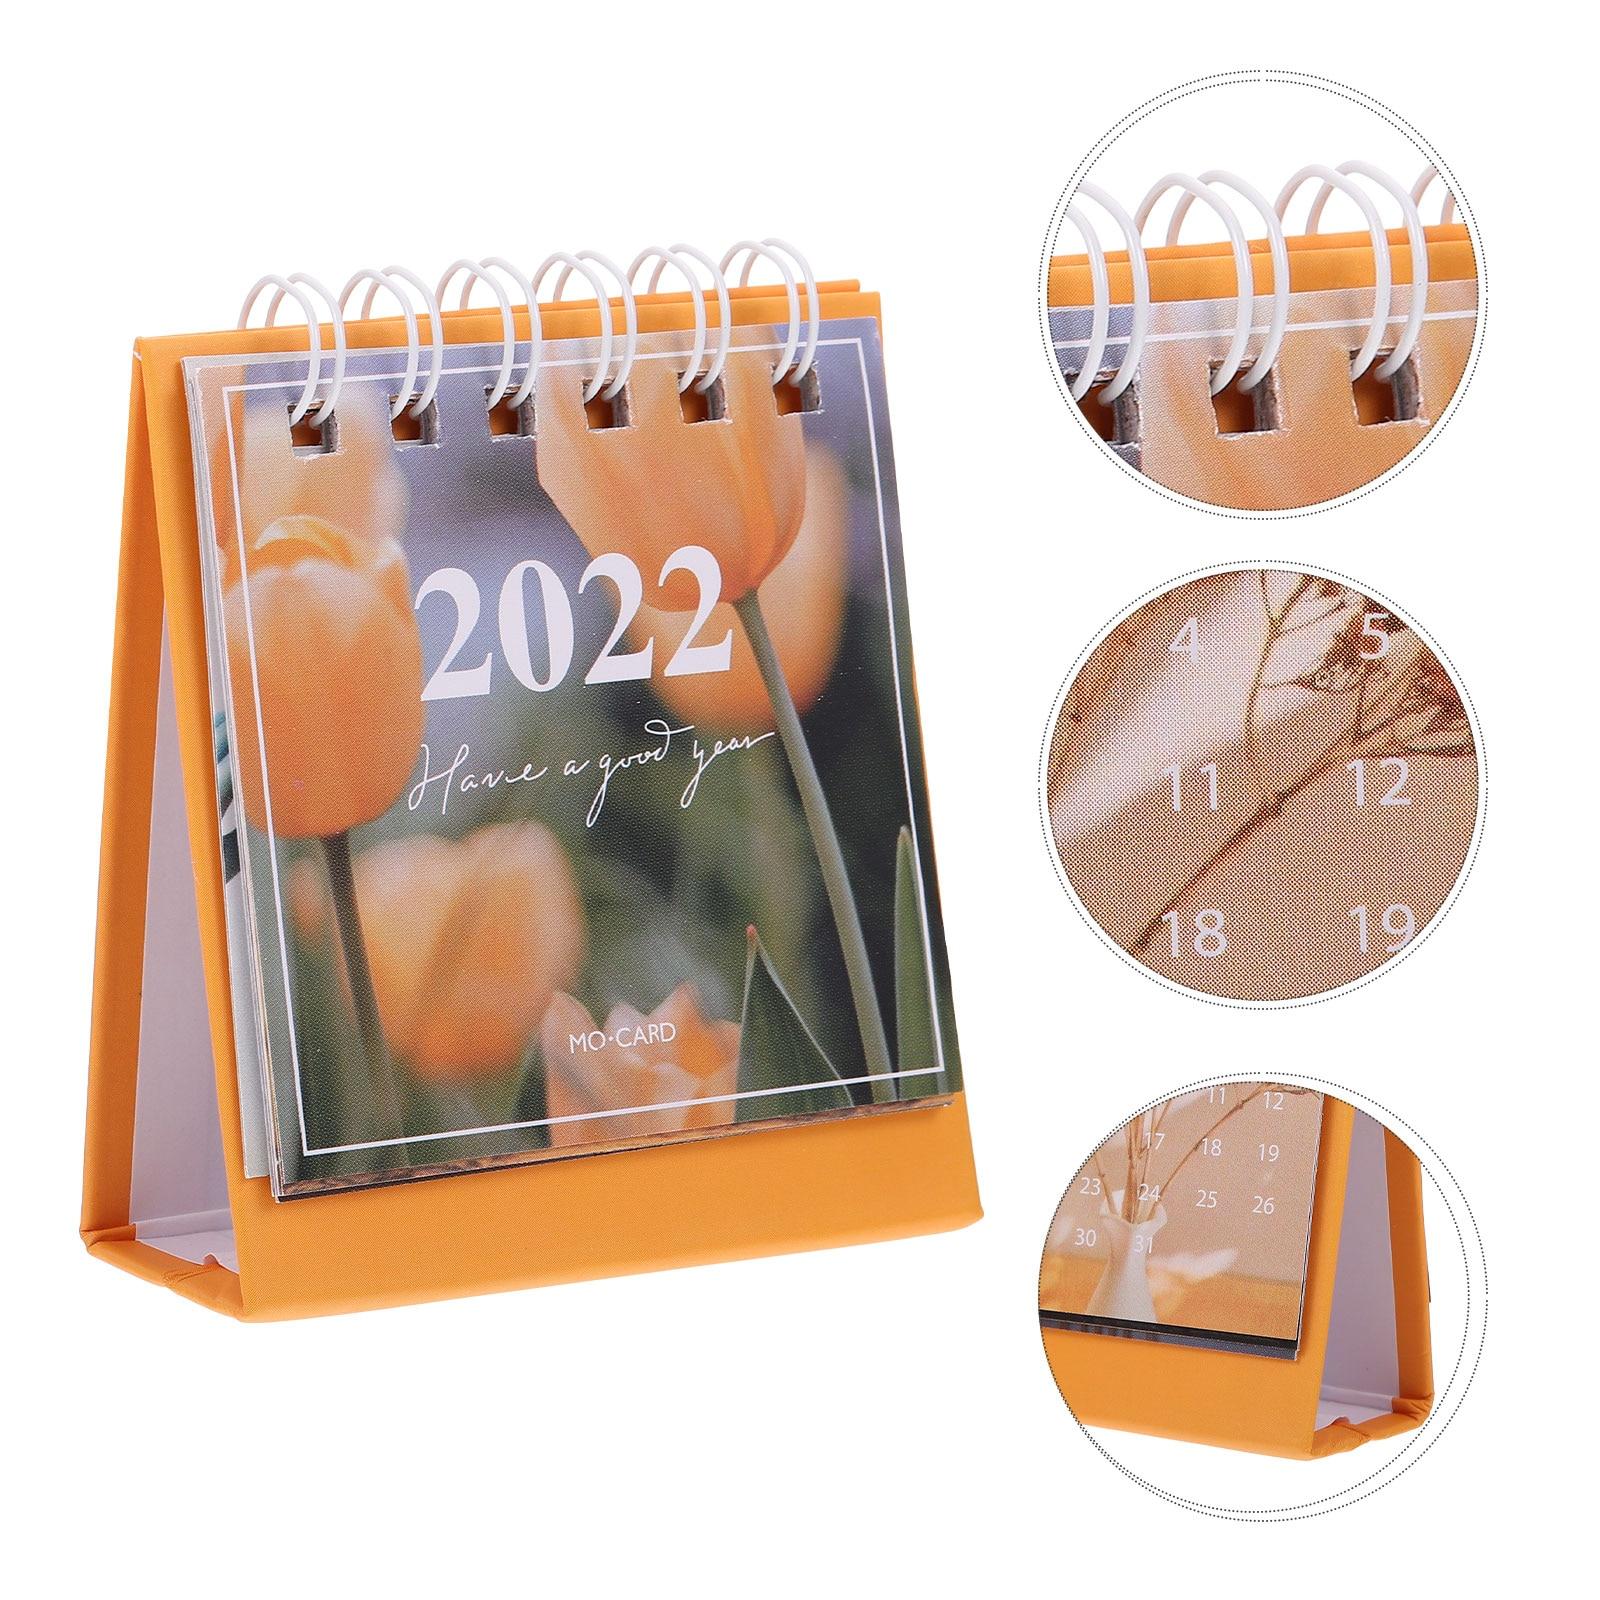 2 шт., маленькие 2022 календарей, компактные настольные 2022 календарей, декоративные календари